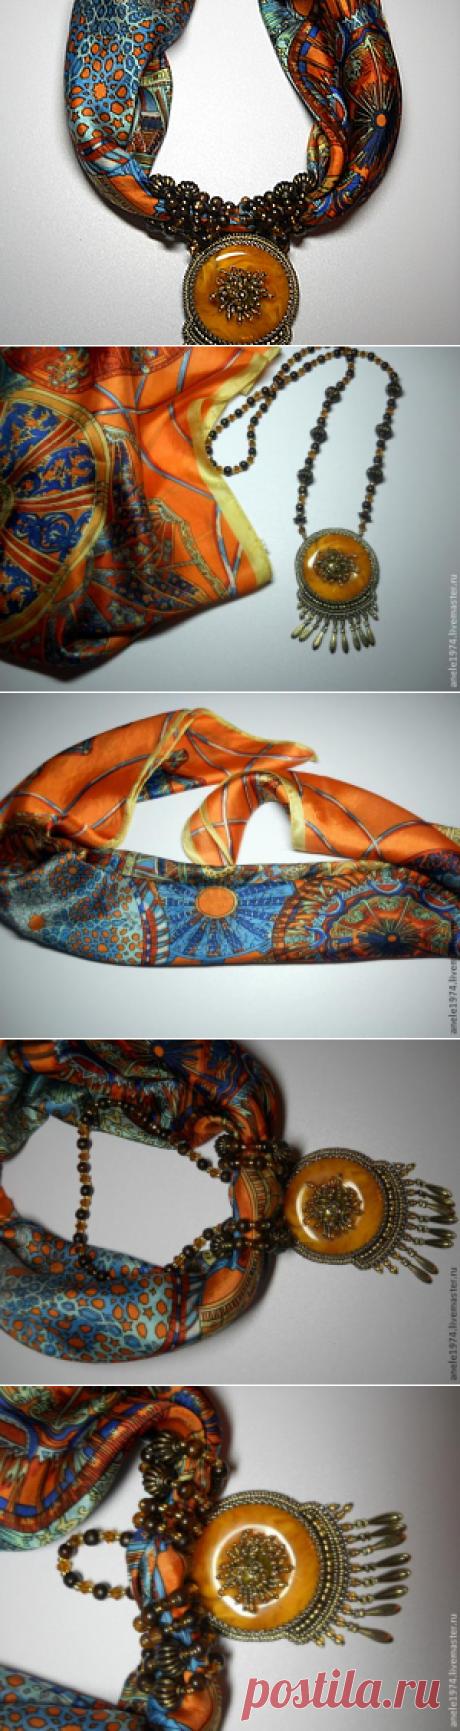 Украшение из шелкового платка за 30 минут - Ярмарка Мастеров - ручная работа, handmade